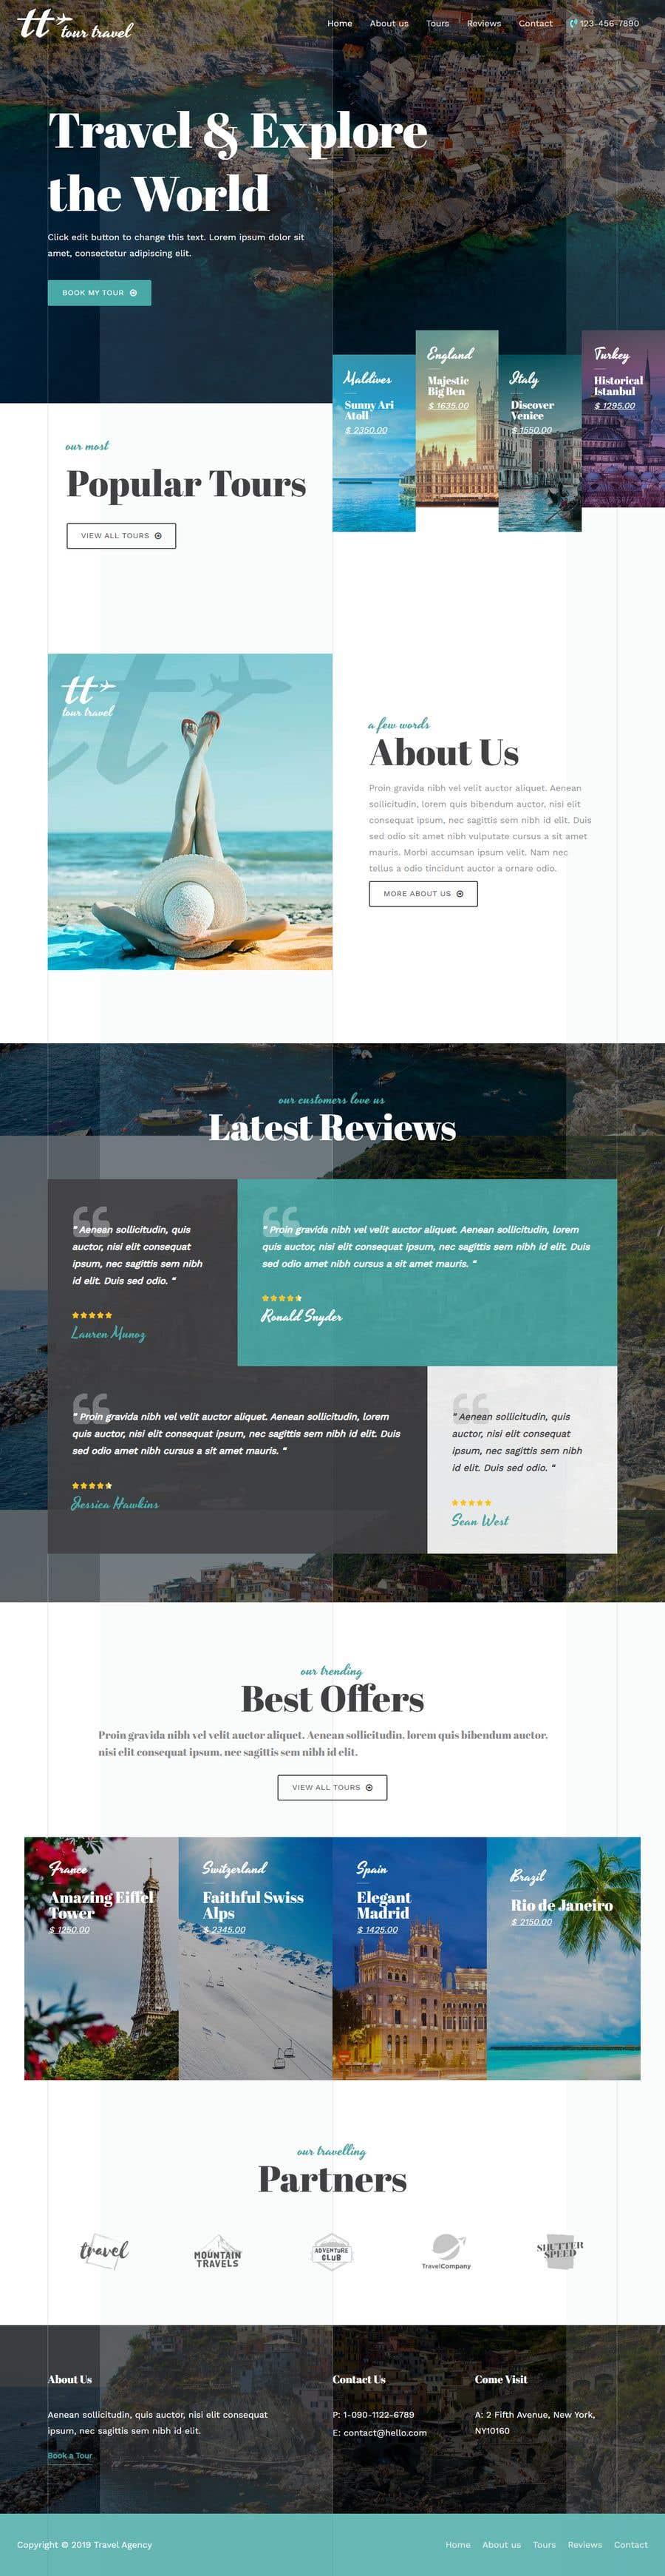 Penyertaan Peraduan #20 untuk Build a tour guide website